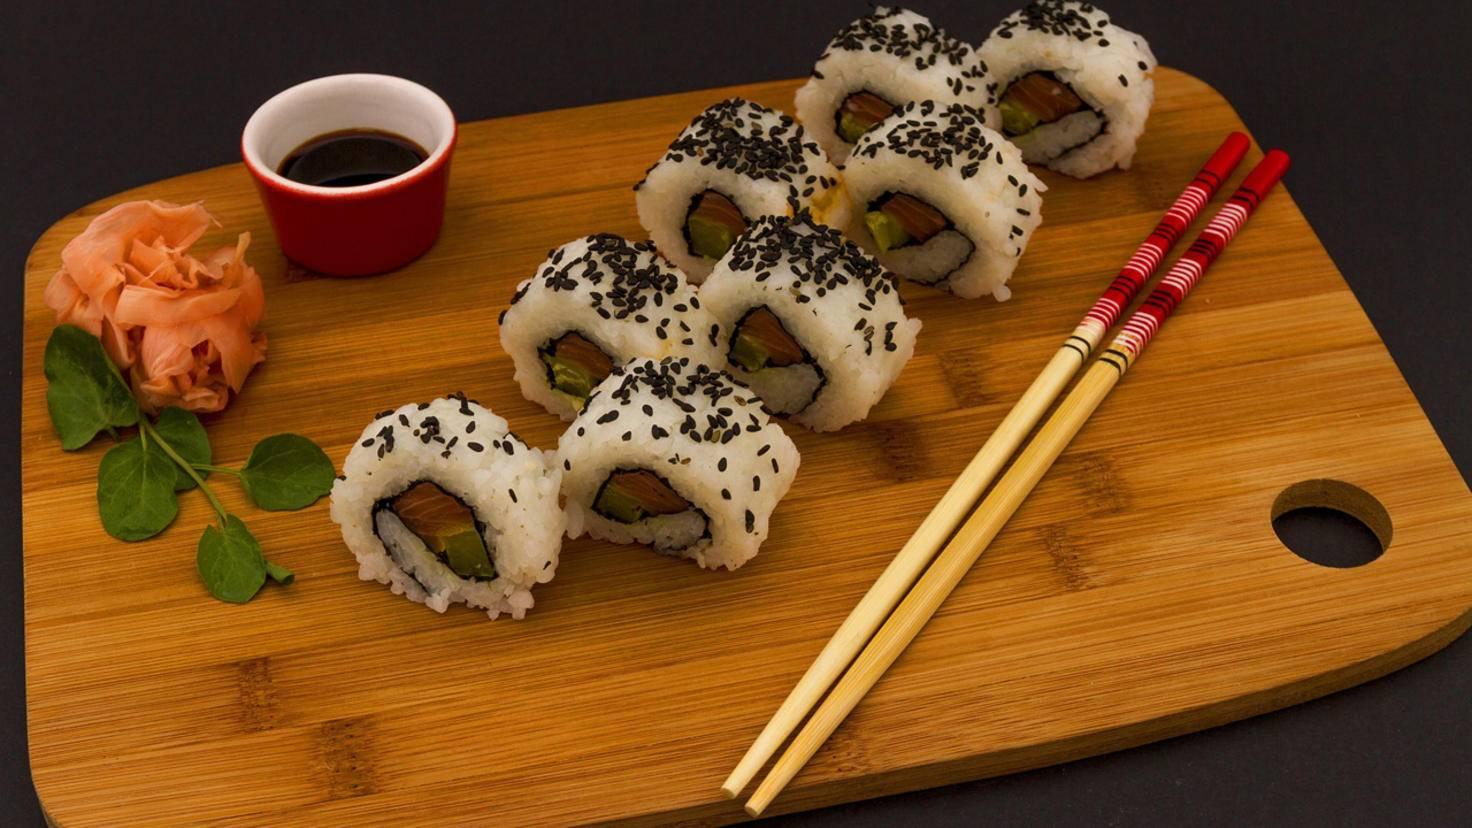 Japanisches Sushi wird traditionell mit Essstäbchen verzehrt.